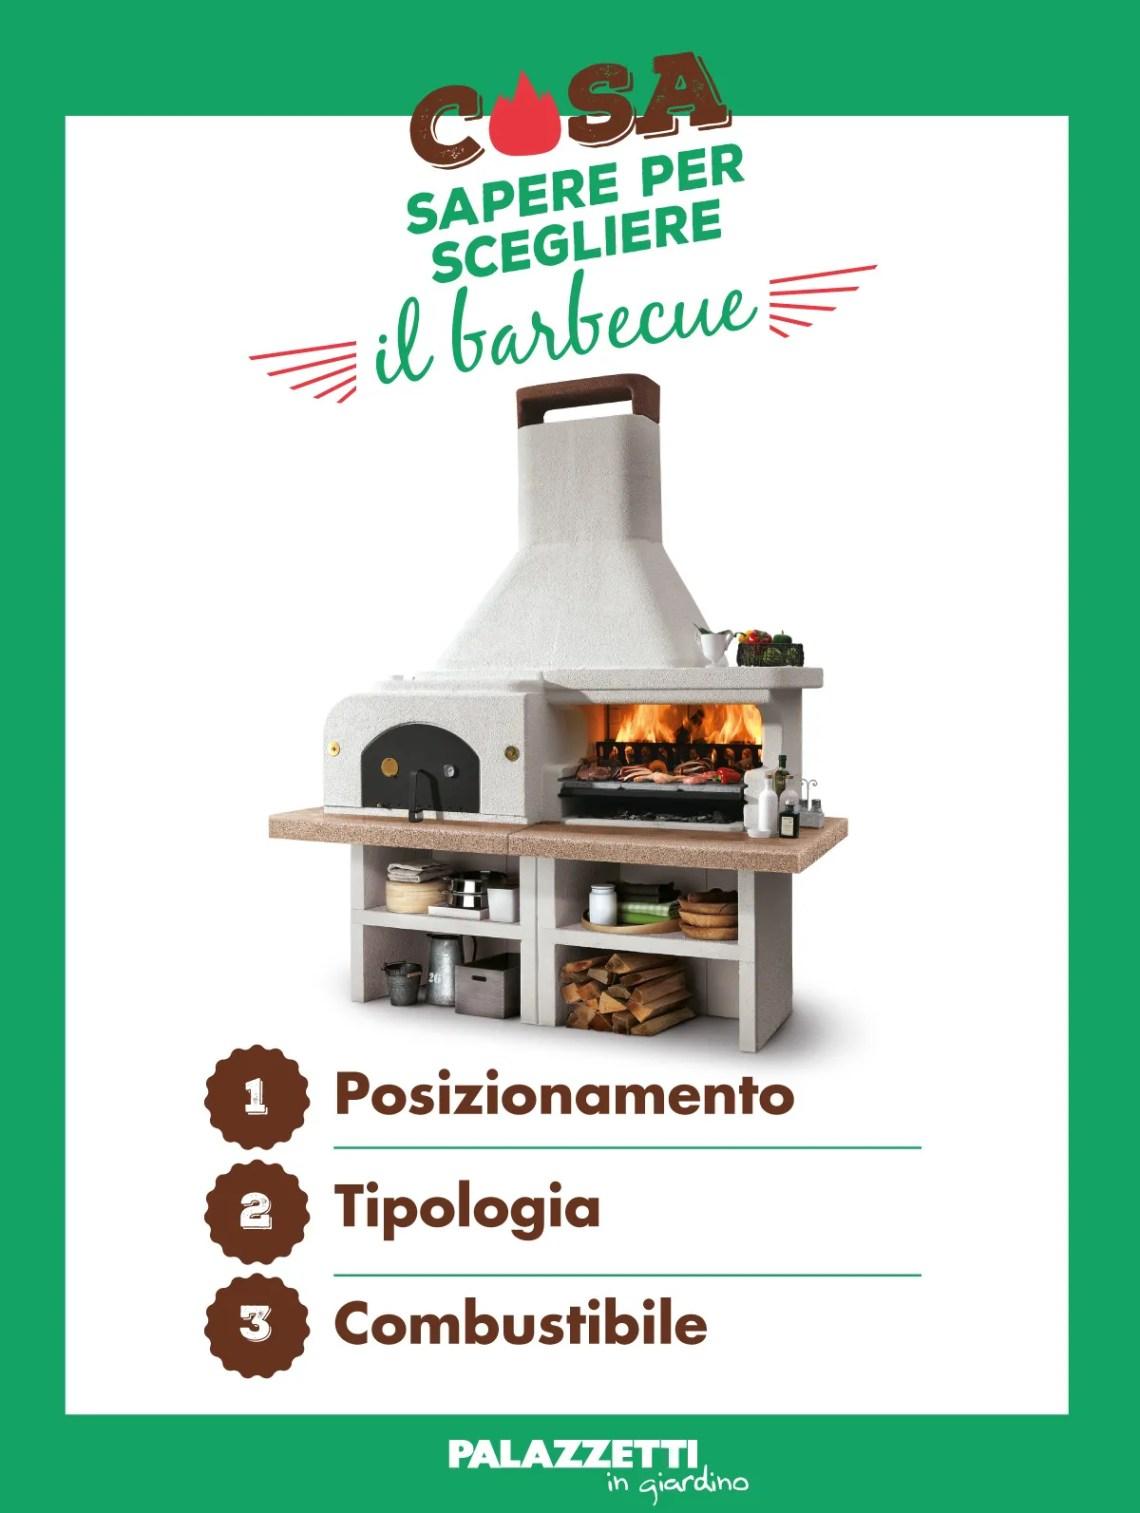 3 cose da sapere per scegliere un barbecue: posizionamento, tipologia e combustibile.